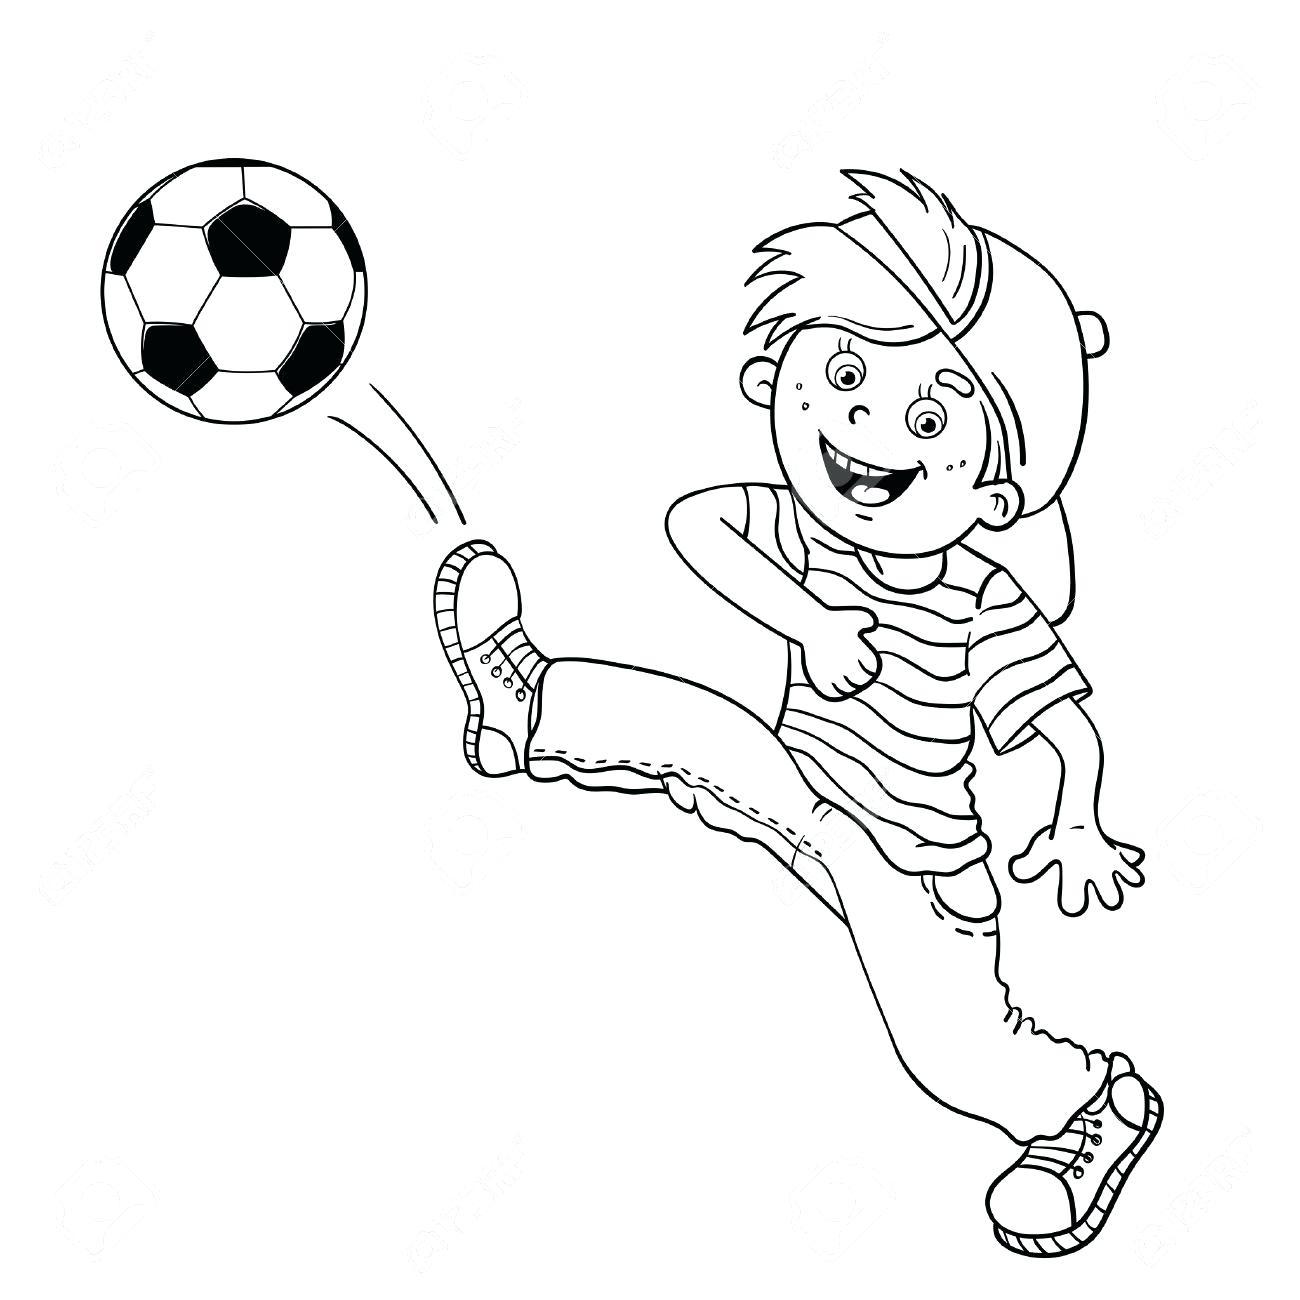 Kickball Drawing At Getdrawings